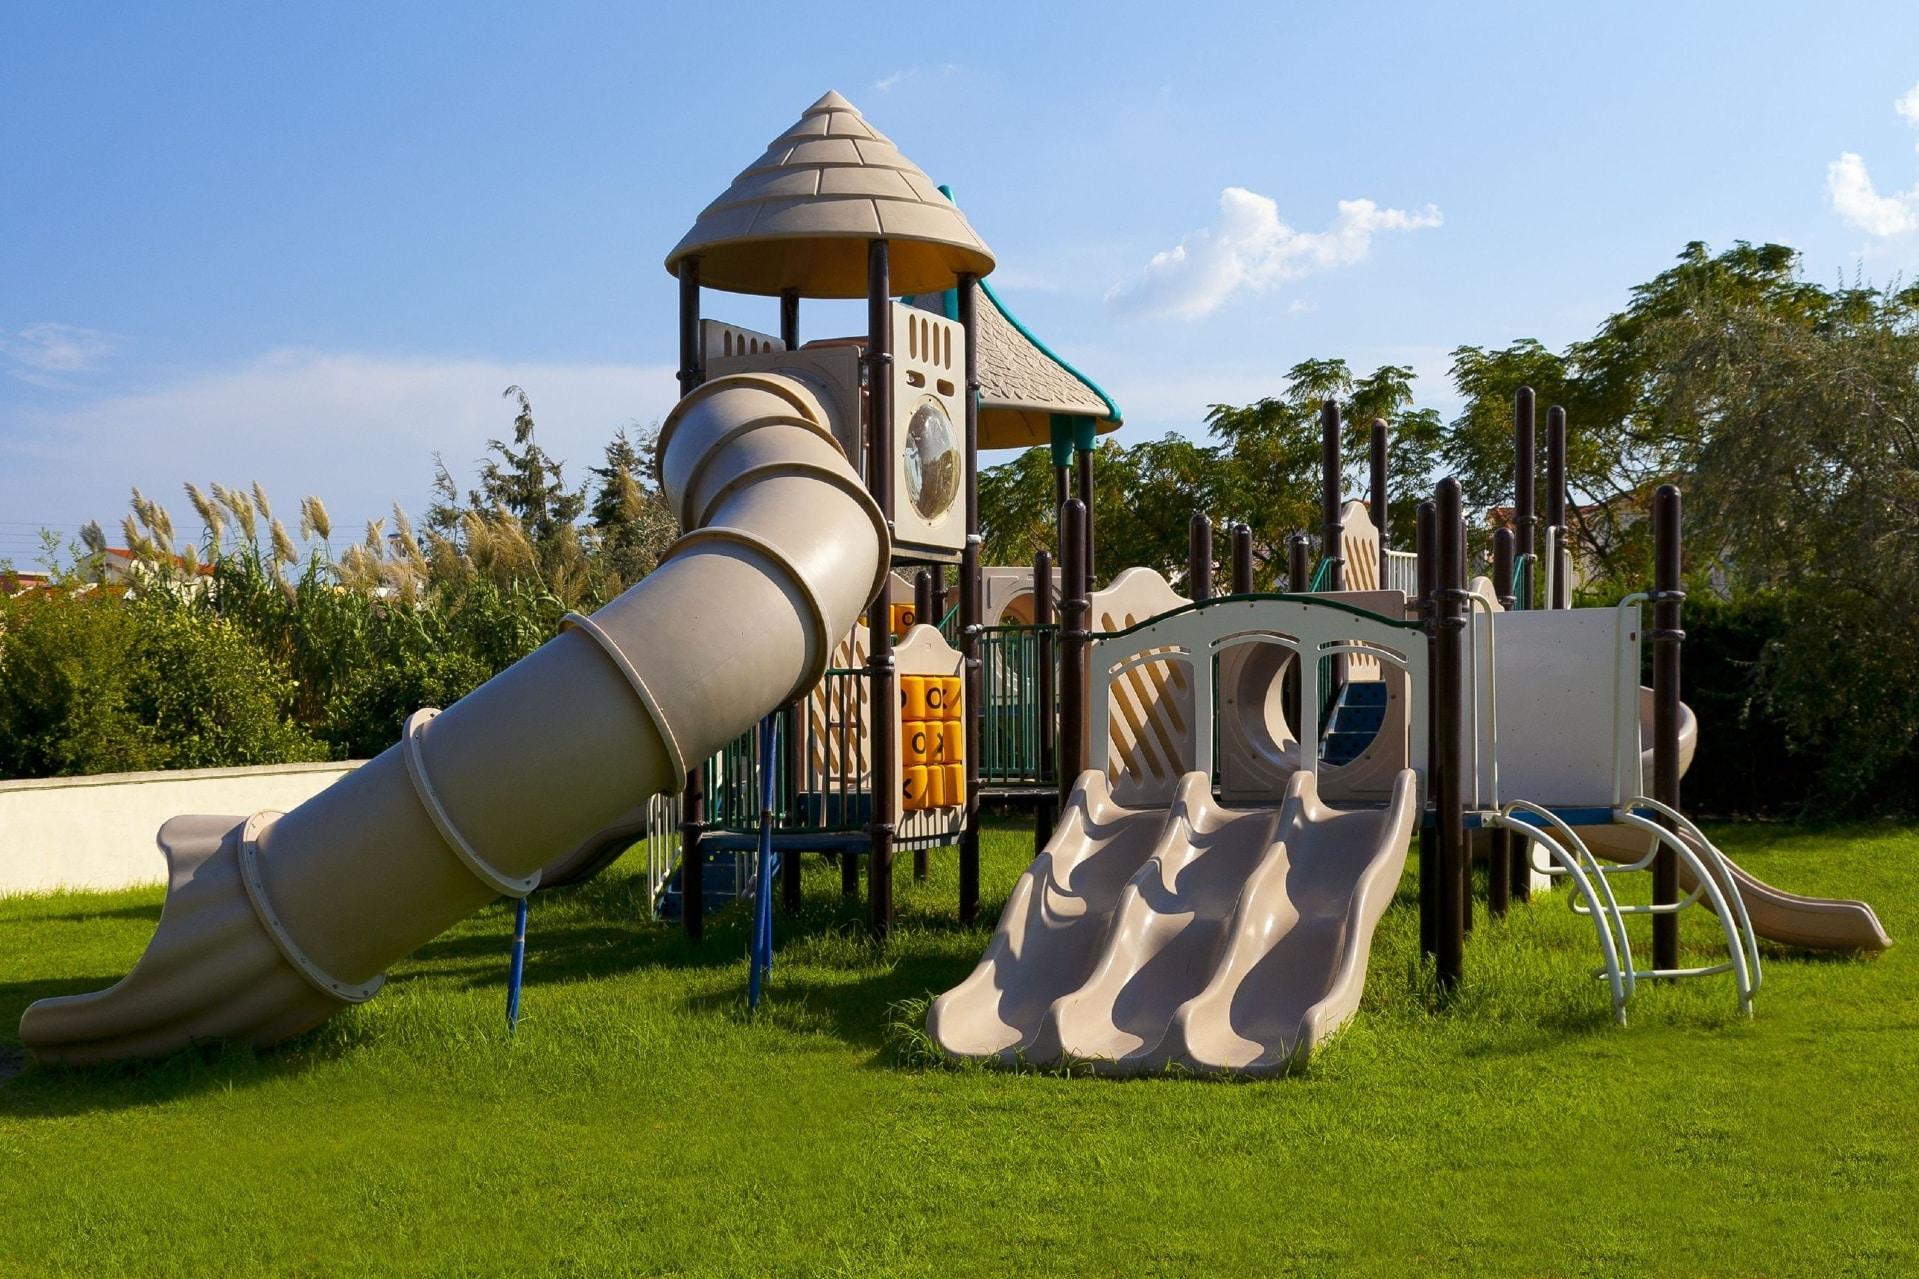 Sun Beach kids playground  (6-12 years old)